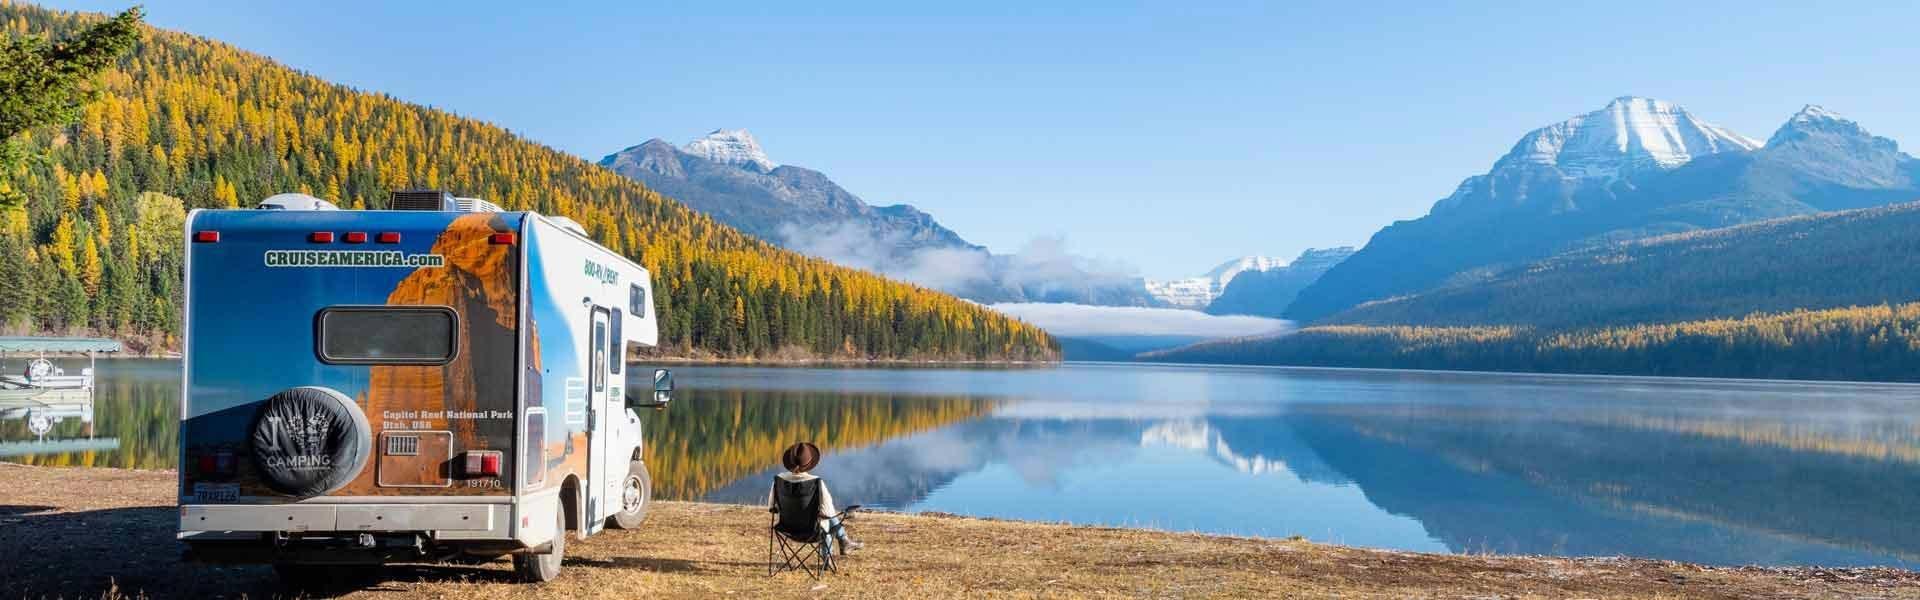 Maak een camperreis door Amerika met een wegbreng camper van Cruise America